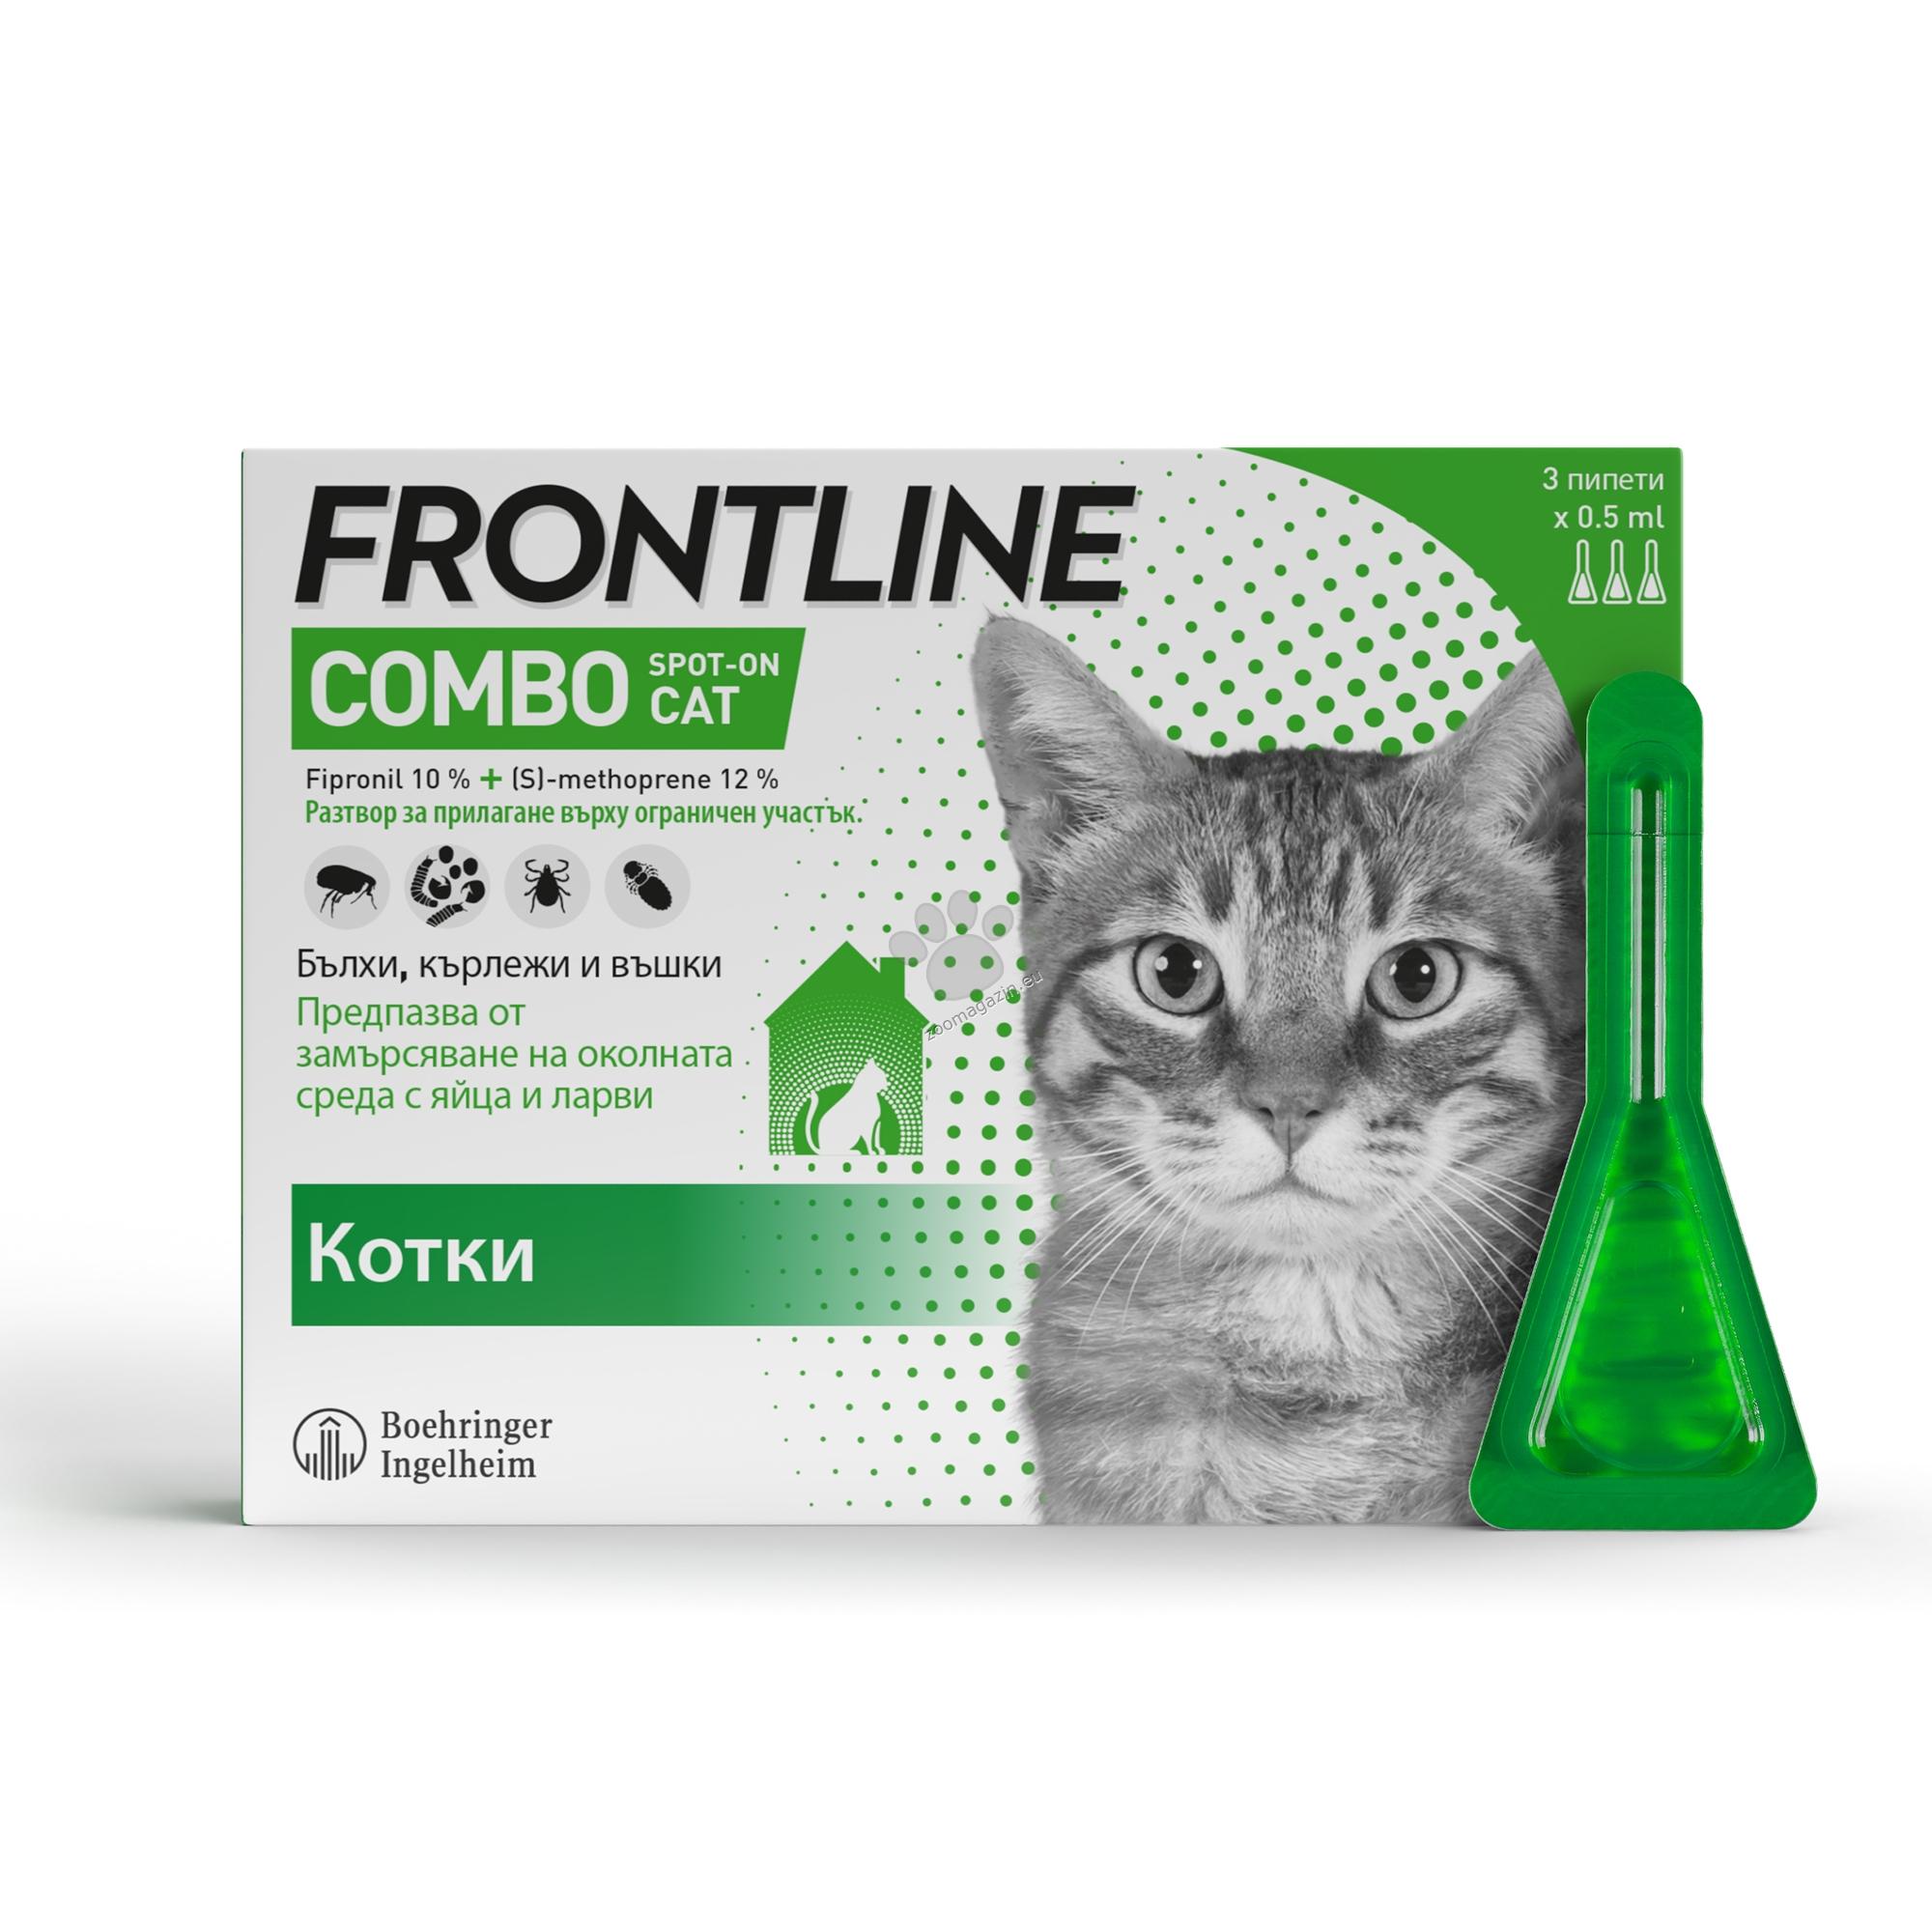 Frontline Combo spot on Cat - противопаразитни пипети за котки / кутия с 3 броя /